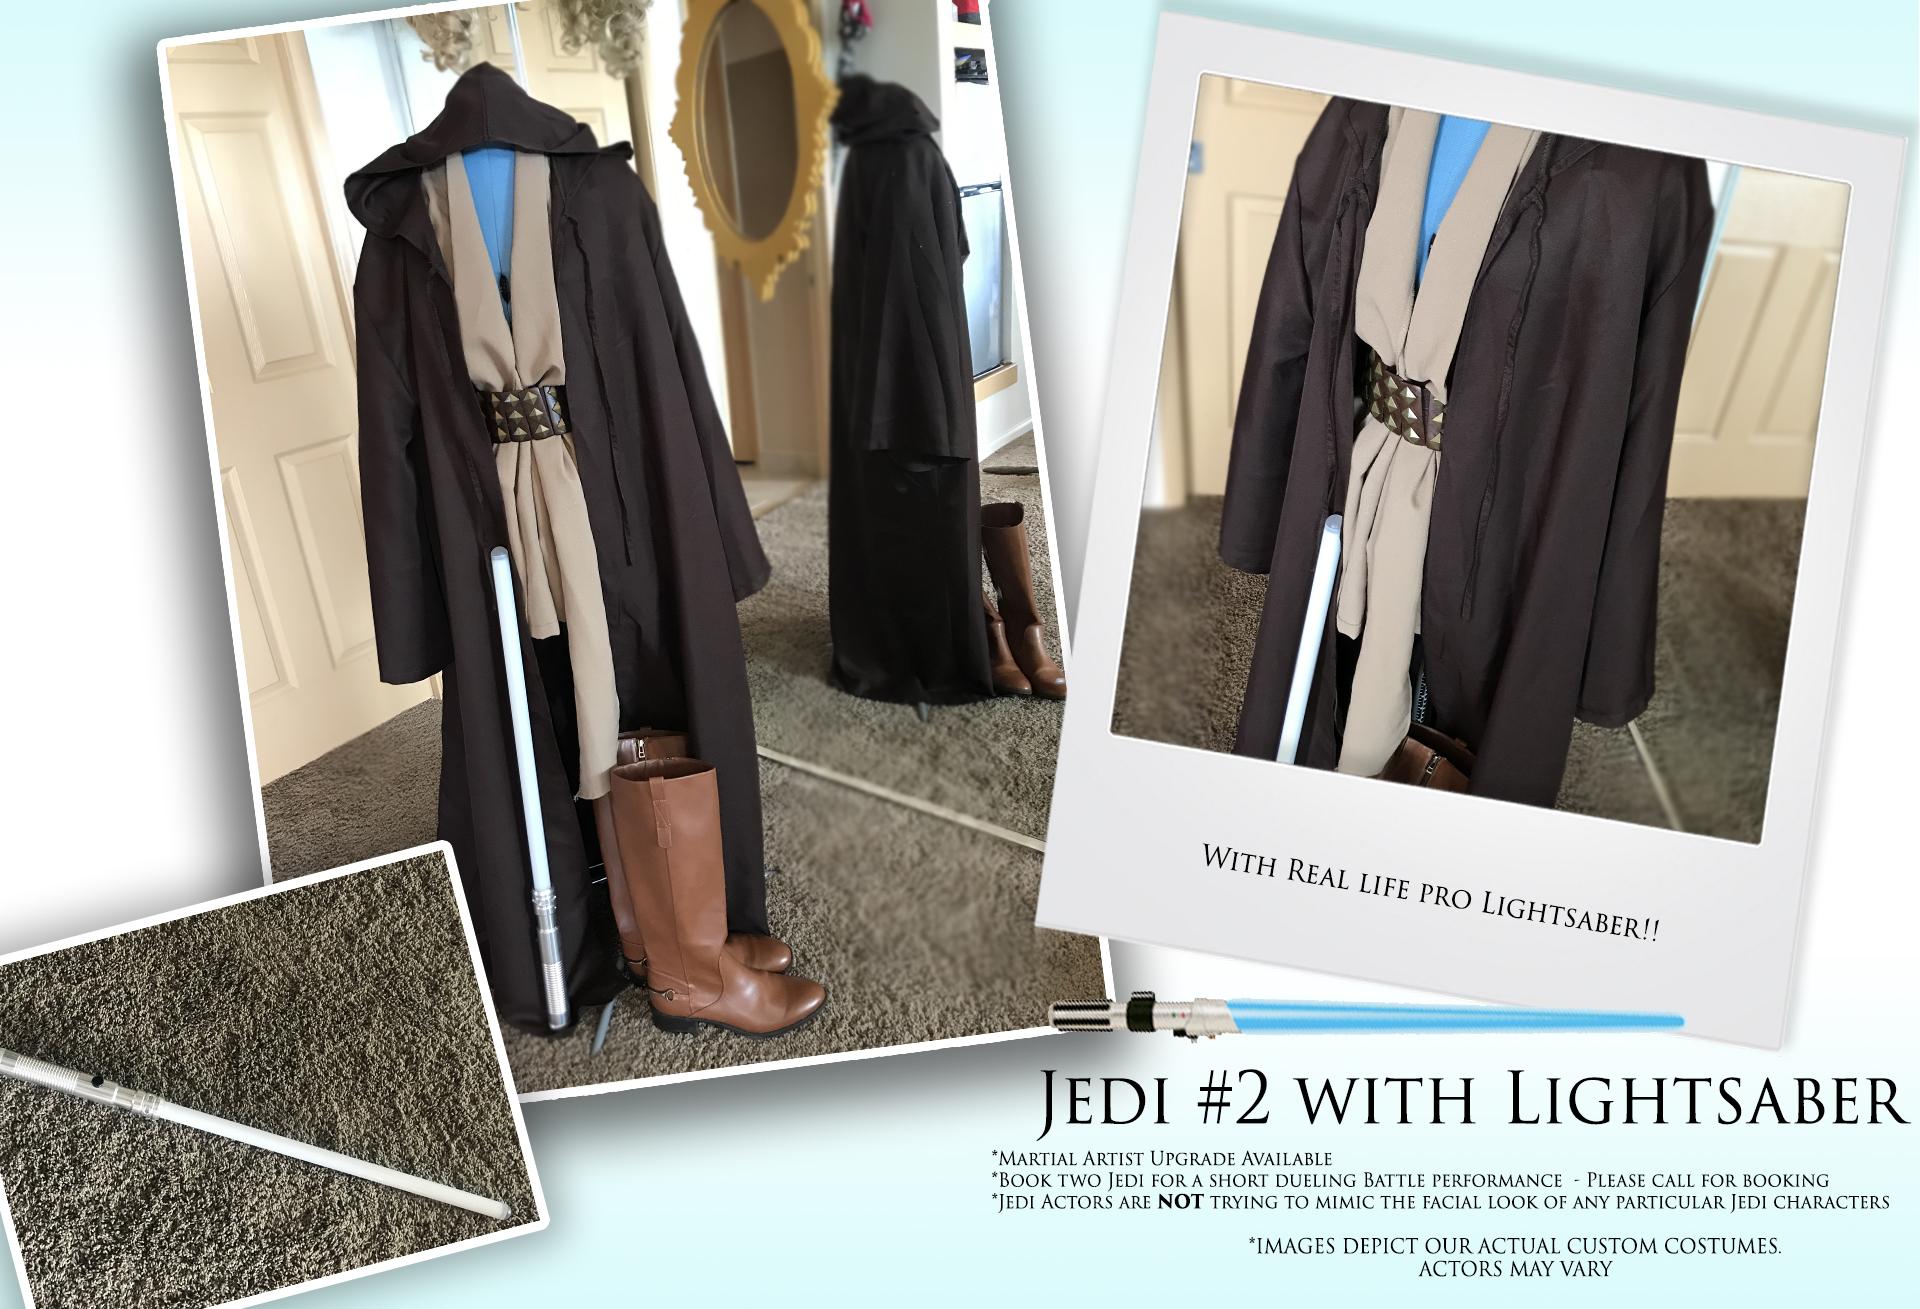 Light Saber Jedi #2